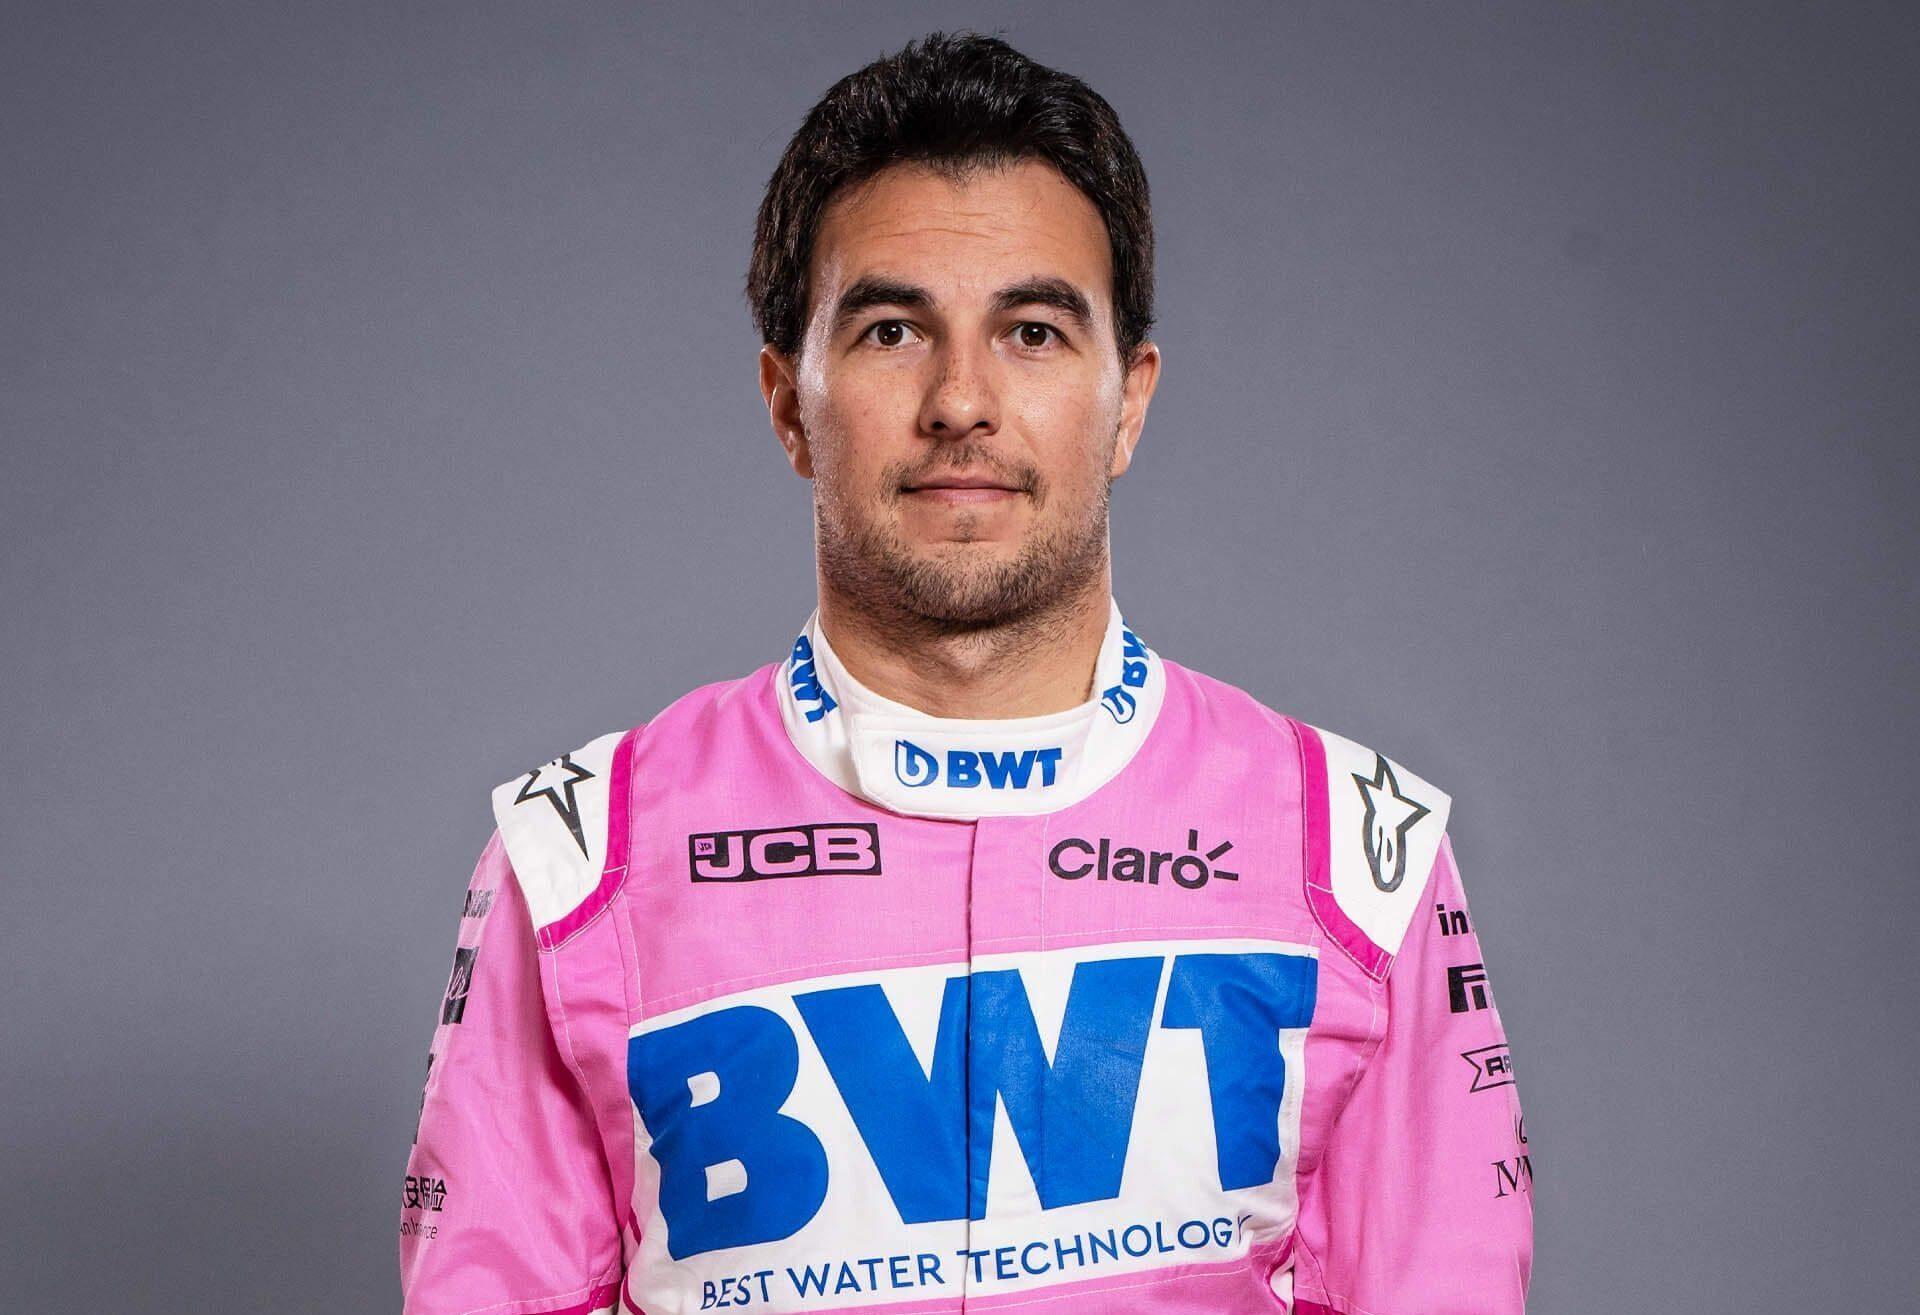 Sergio Perez Top 10 F1 Drivers in 2020